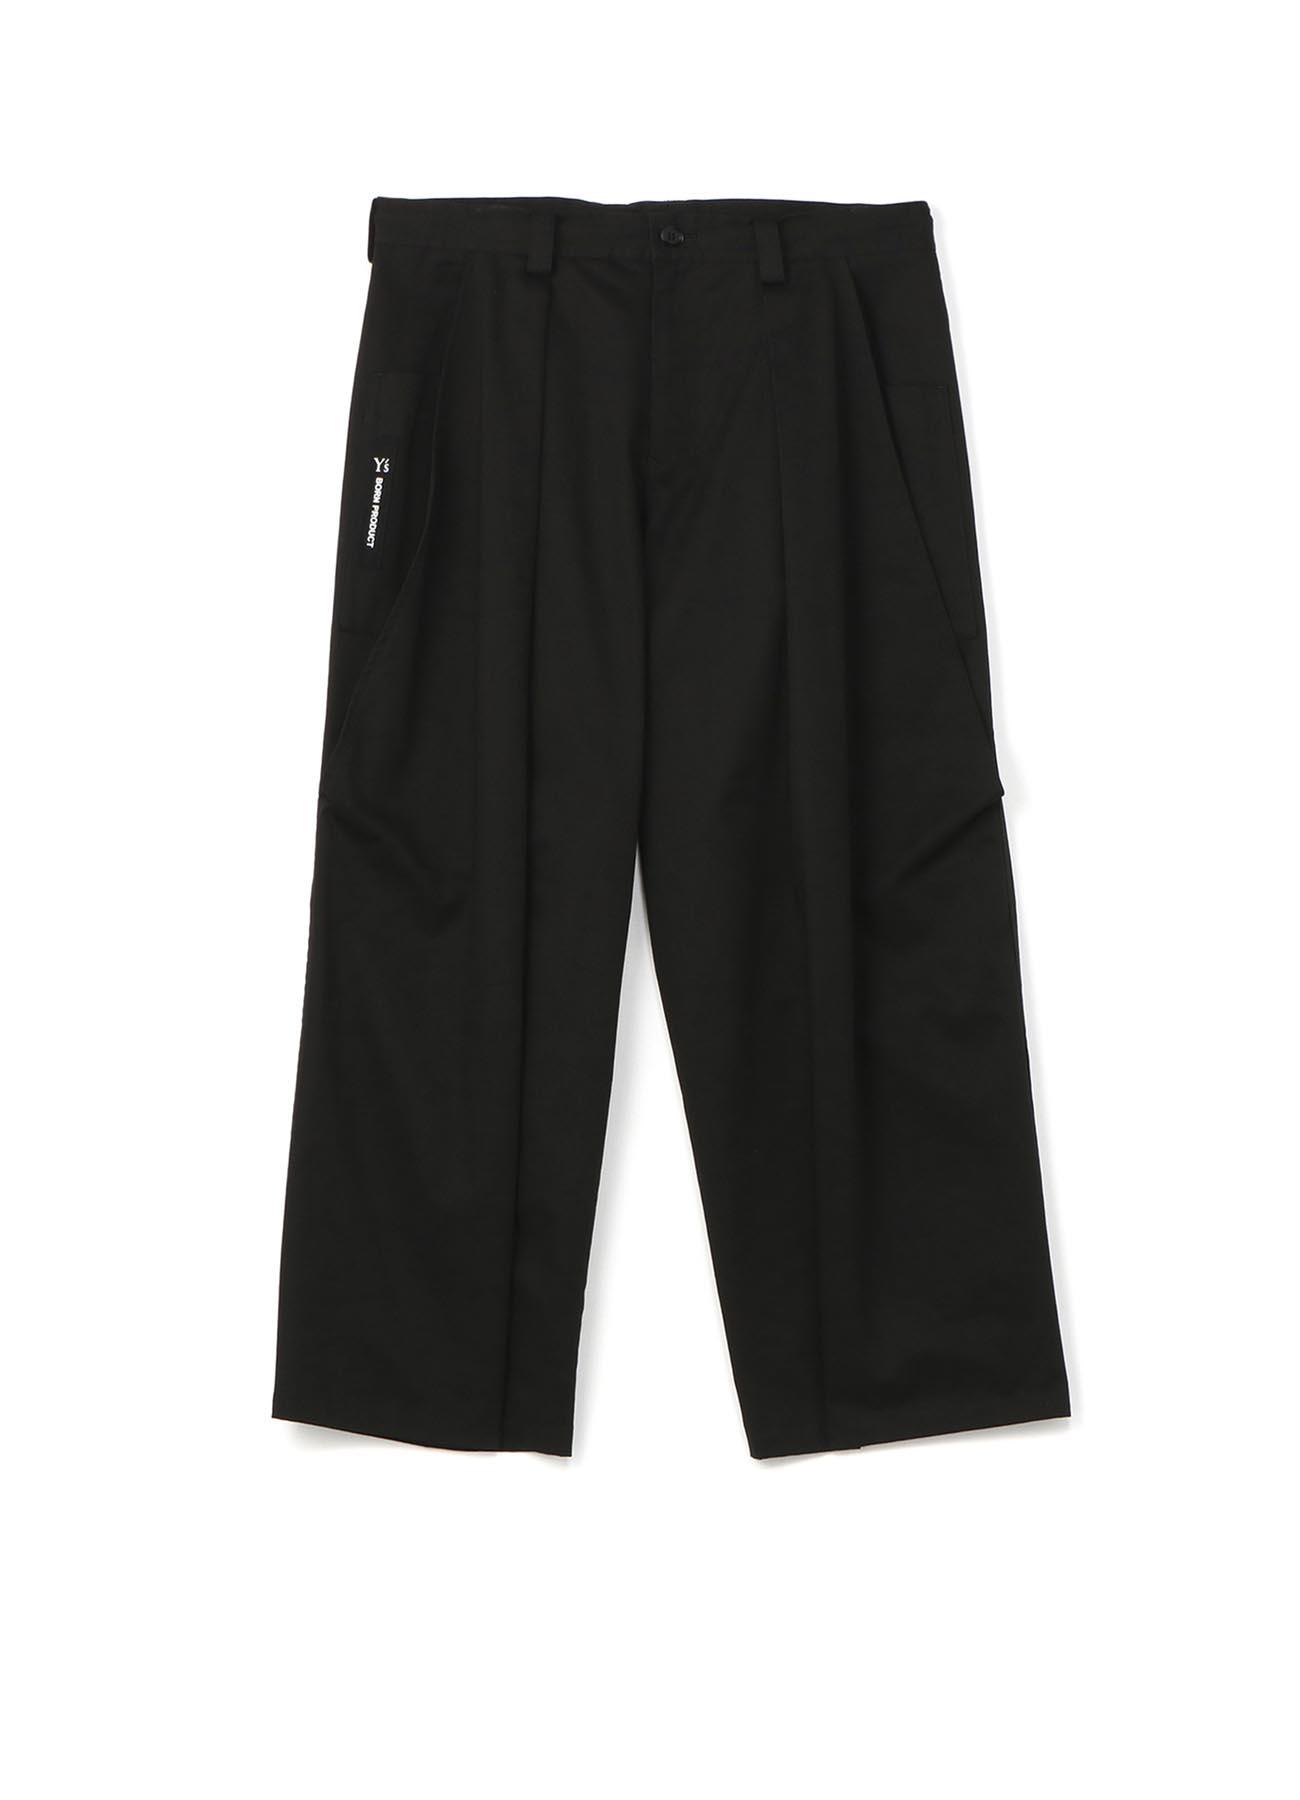 BORN PRODUCT 口袋宽裤